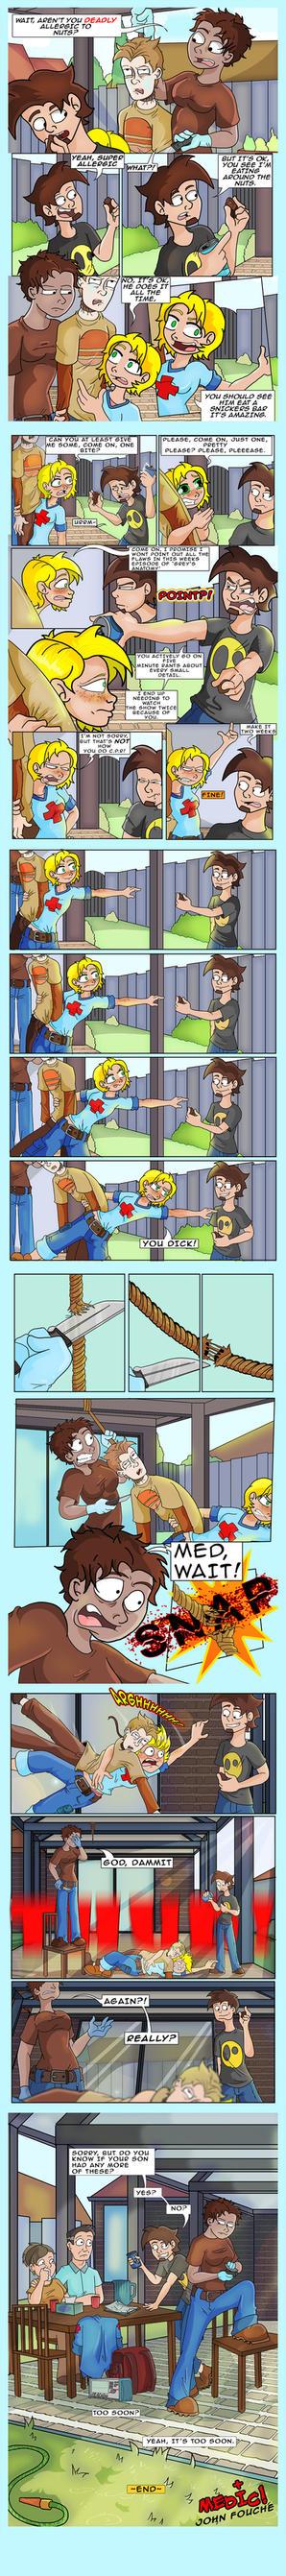 Medic Hangman 2 by Toonlancer